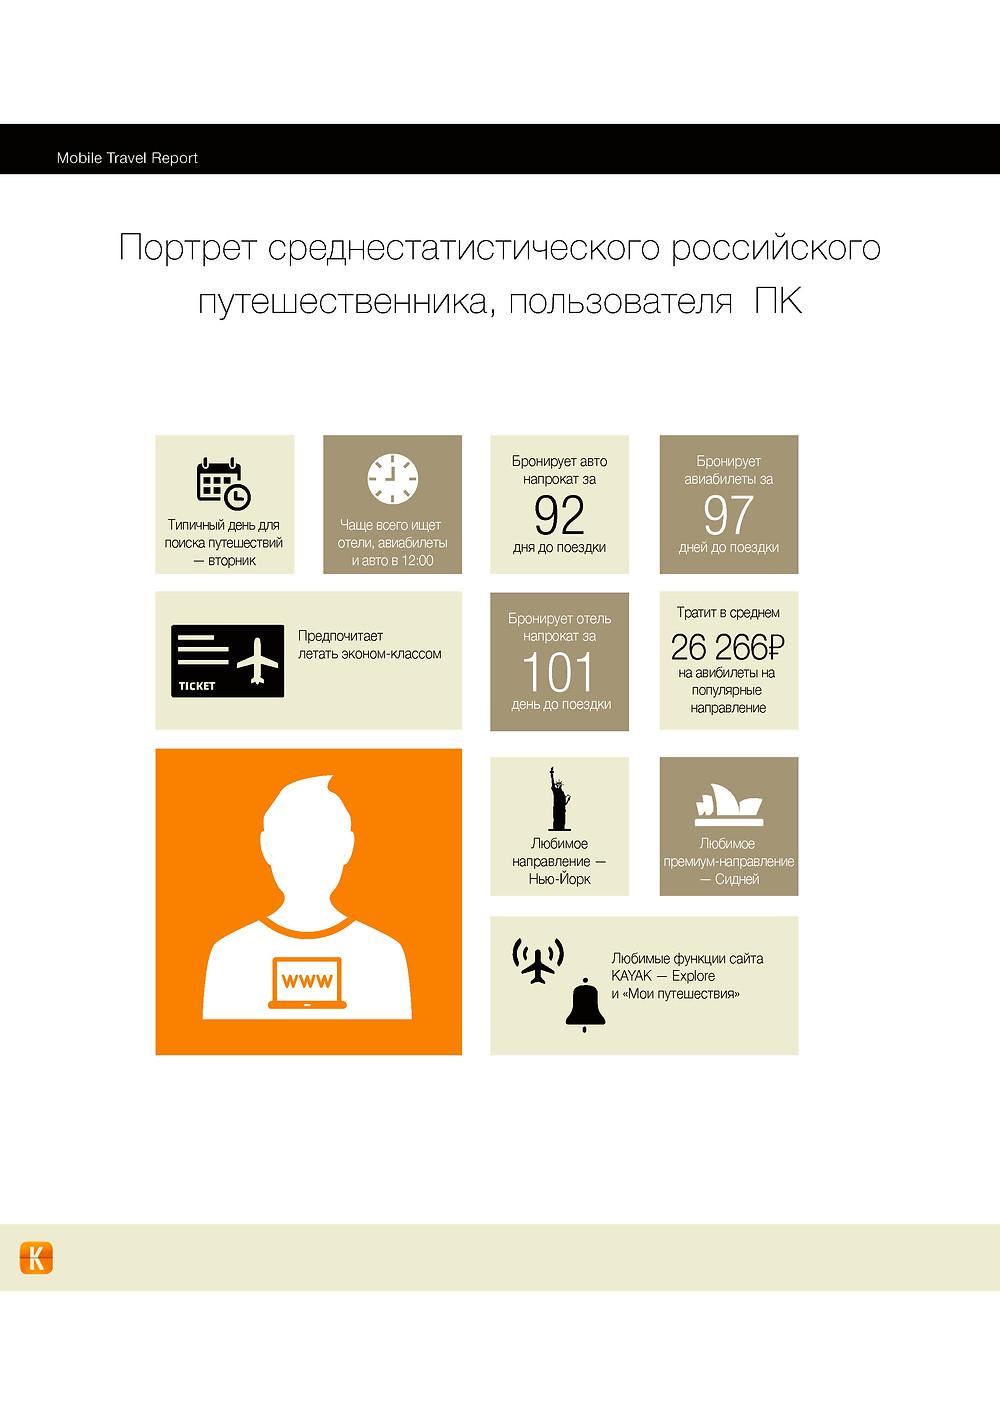 MobileTravelReport_Инфографика-24.jpg